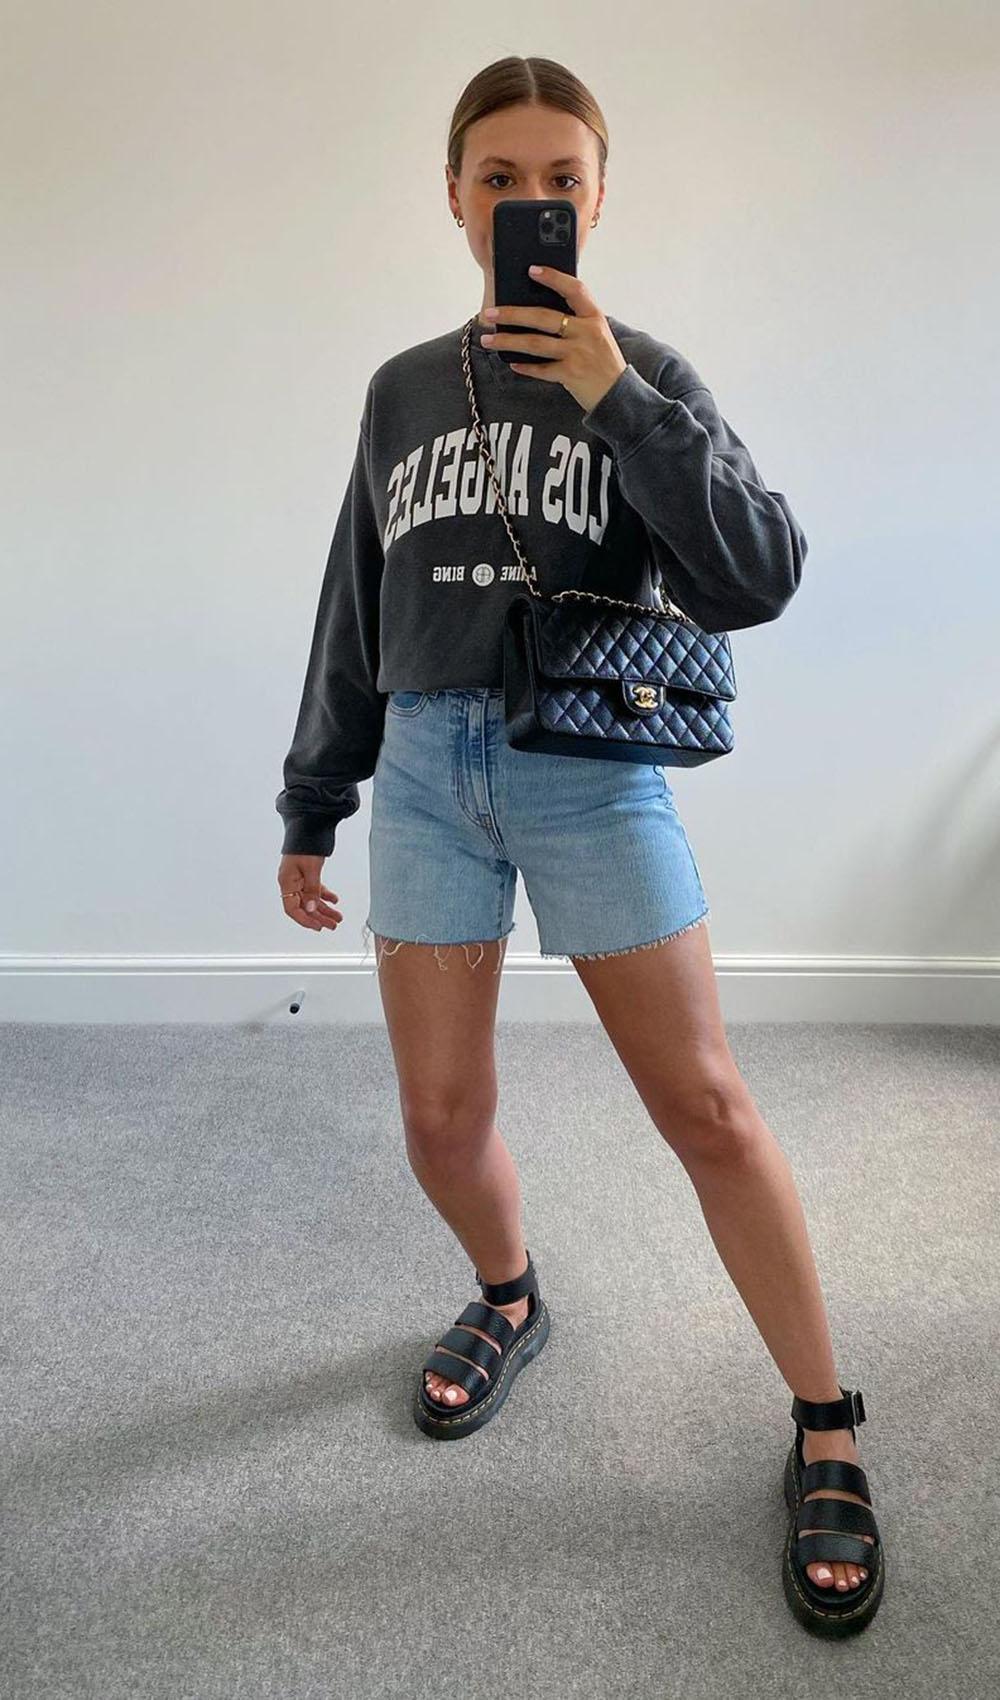 Blusa de moletom, bermuda jeans e papete